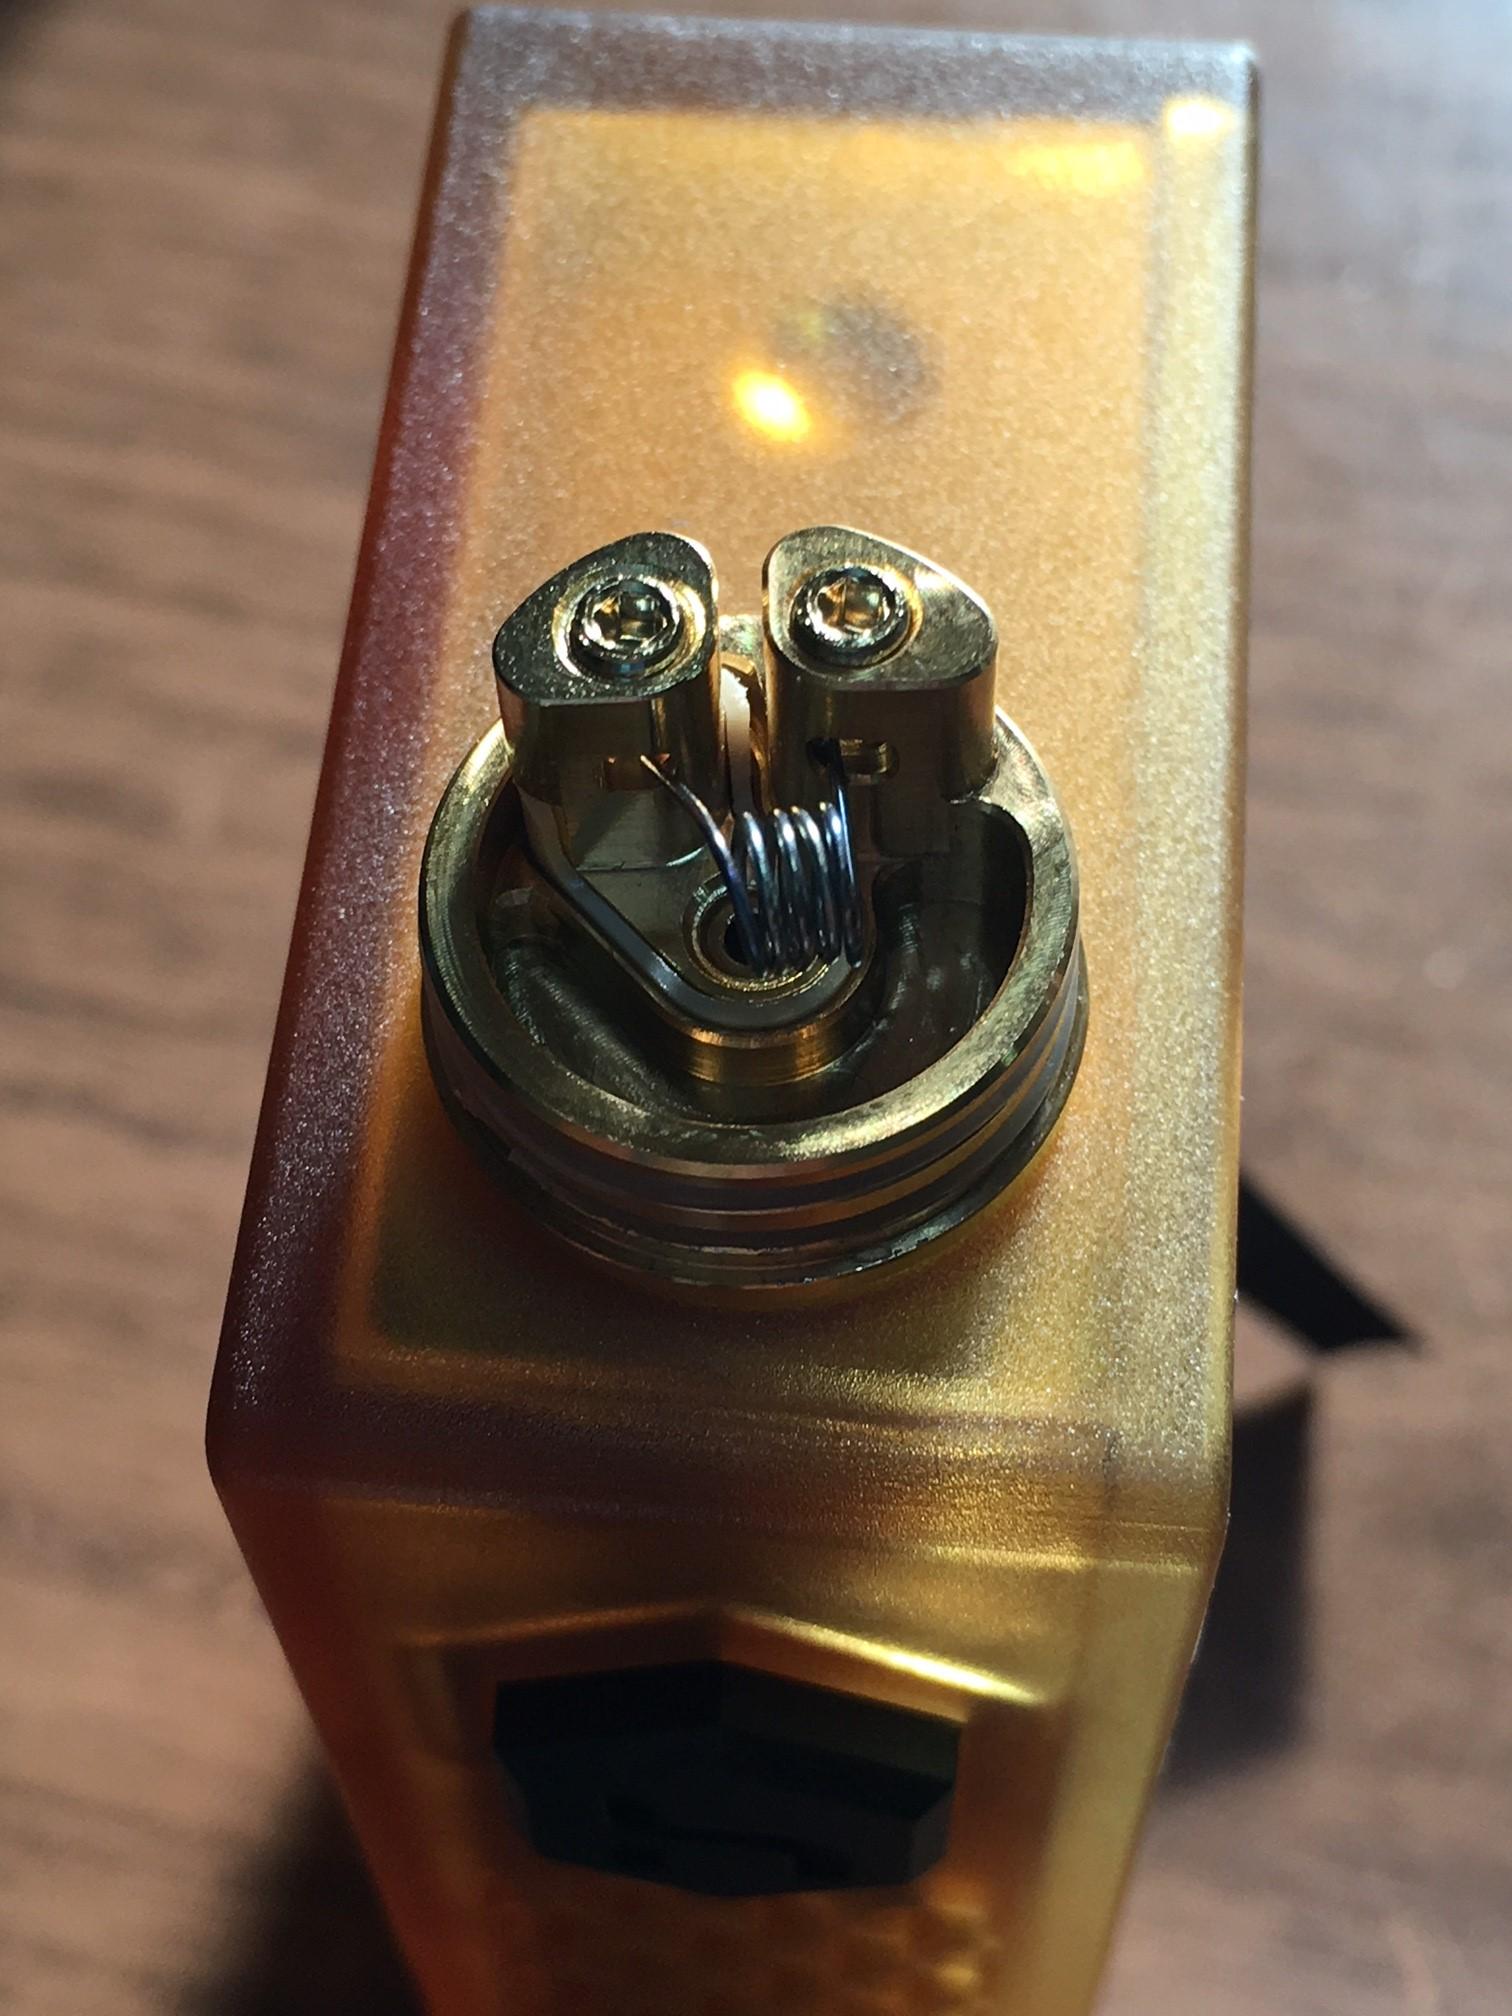 securedownload 25 - 【レビュー】「SWEDISH VAPER よりHIVE(Swedish Vaper Hive Squonk Kit with Dinky RDA)」初めてのメカスコは蜂のように可愛いヤツ【UKデザイン/BF/SQUONKER】